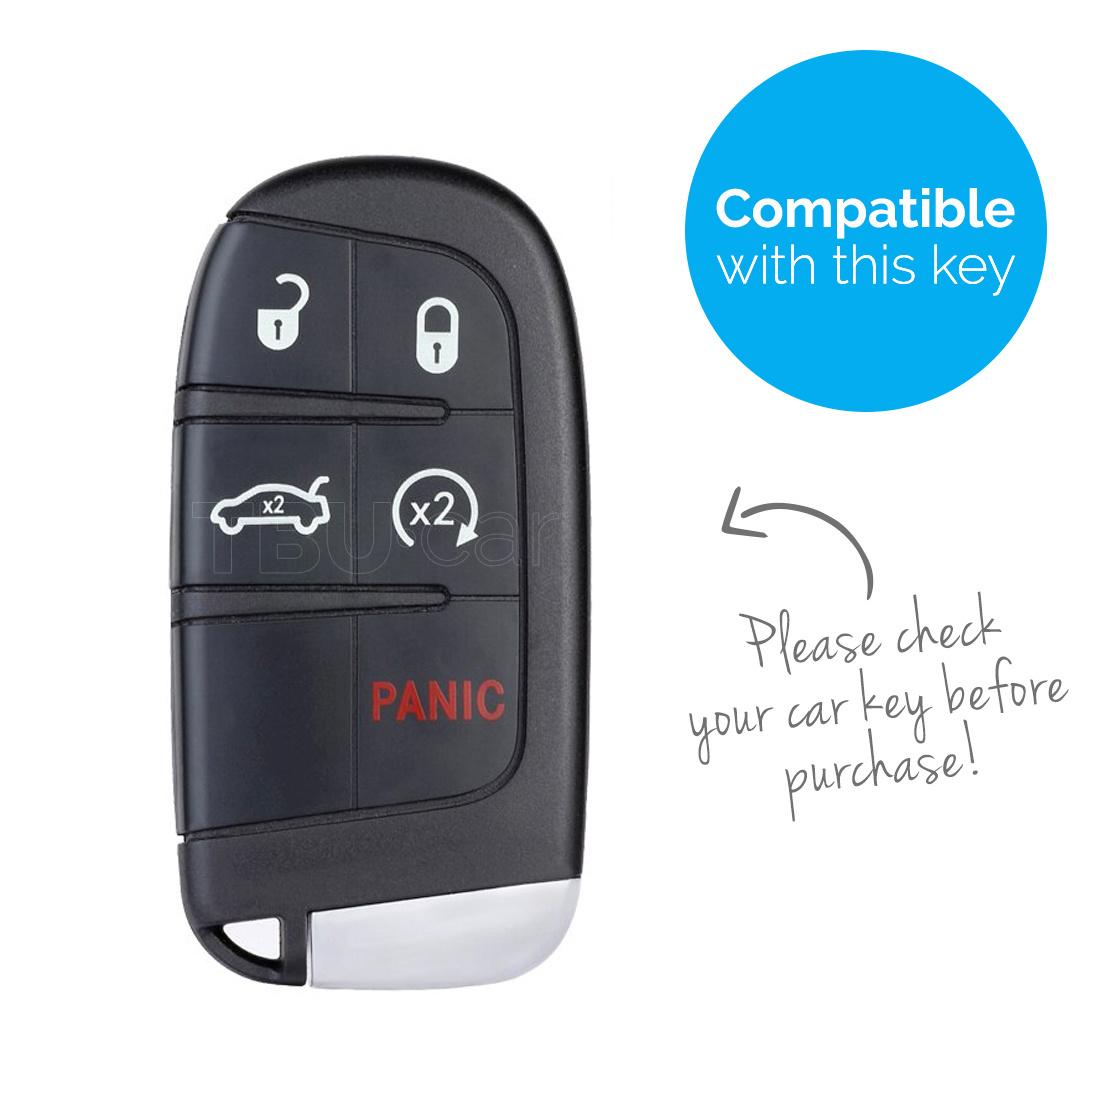 TBU car TBU car Sleutel cover compatibel met Fiat - Silicone sleutelhoesje - beschermhoesje autosleutel - Wit